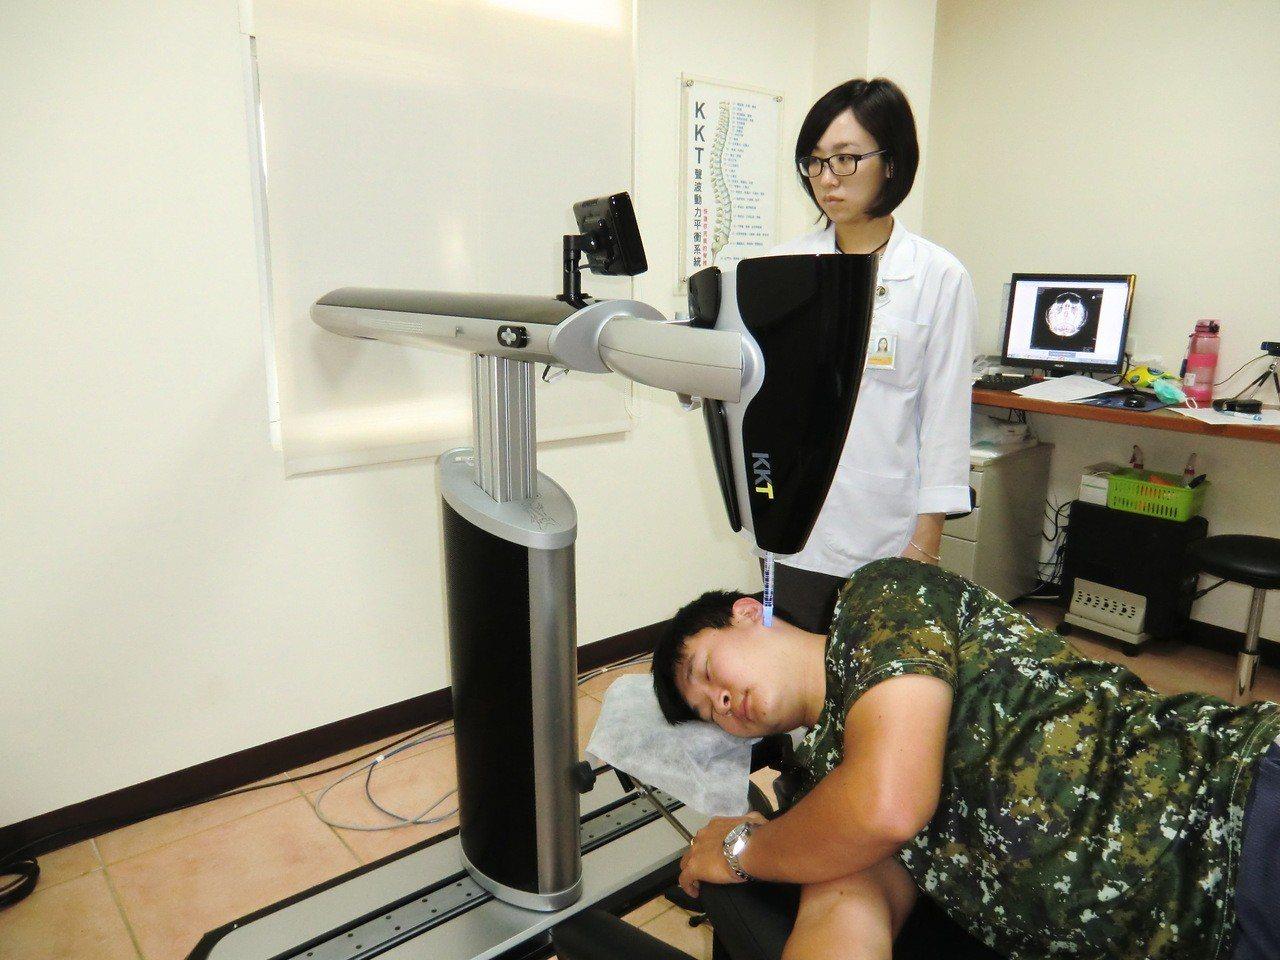 KKT聲波動力平衡系統以聲波矯正脊椎,療程中不痛,非侵入式的,不需住院,不用手術...